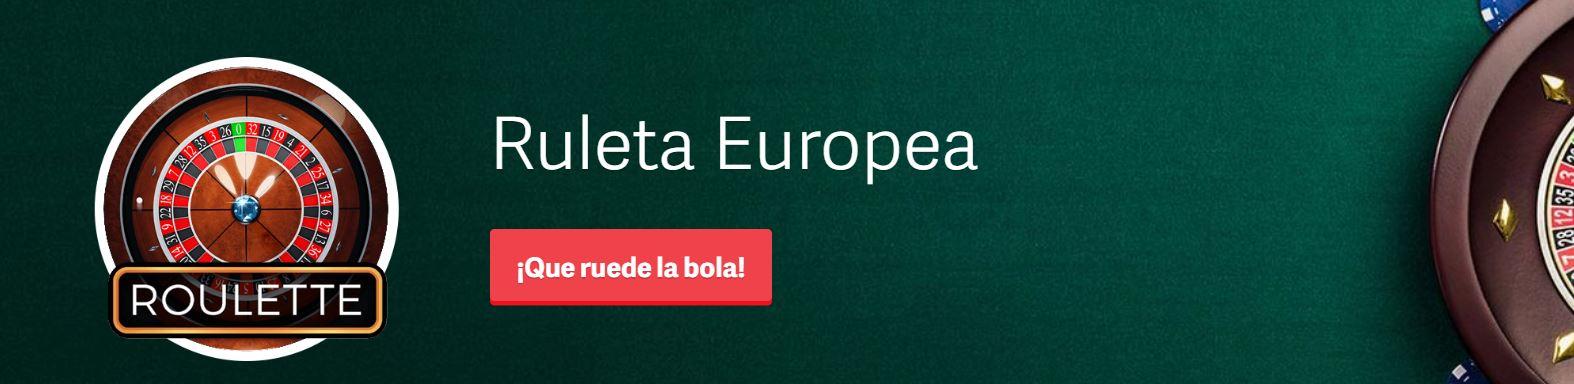 La ruleta europea está presente en la mayoría de salas de juego en línea.